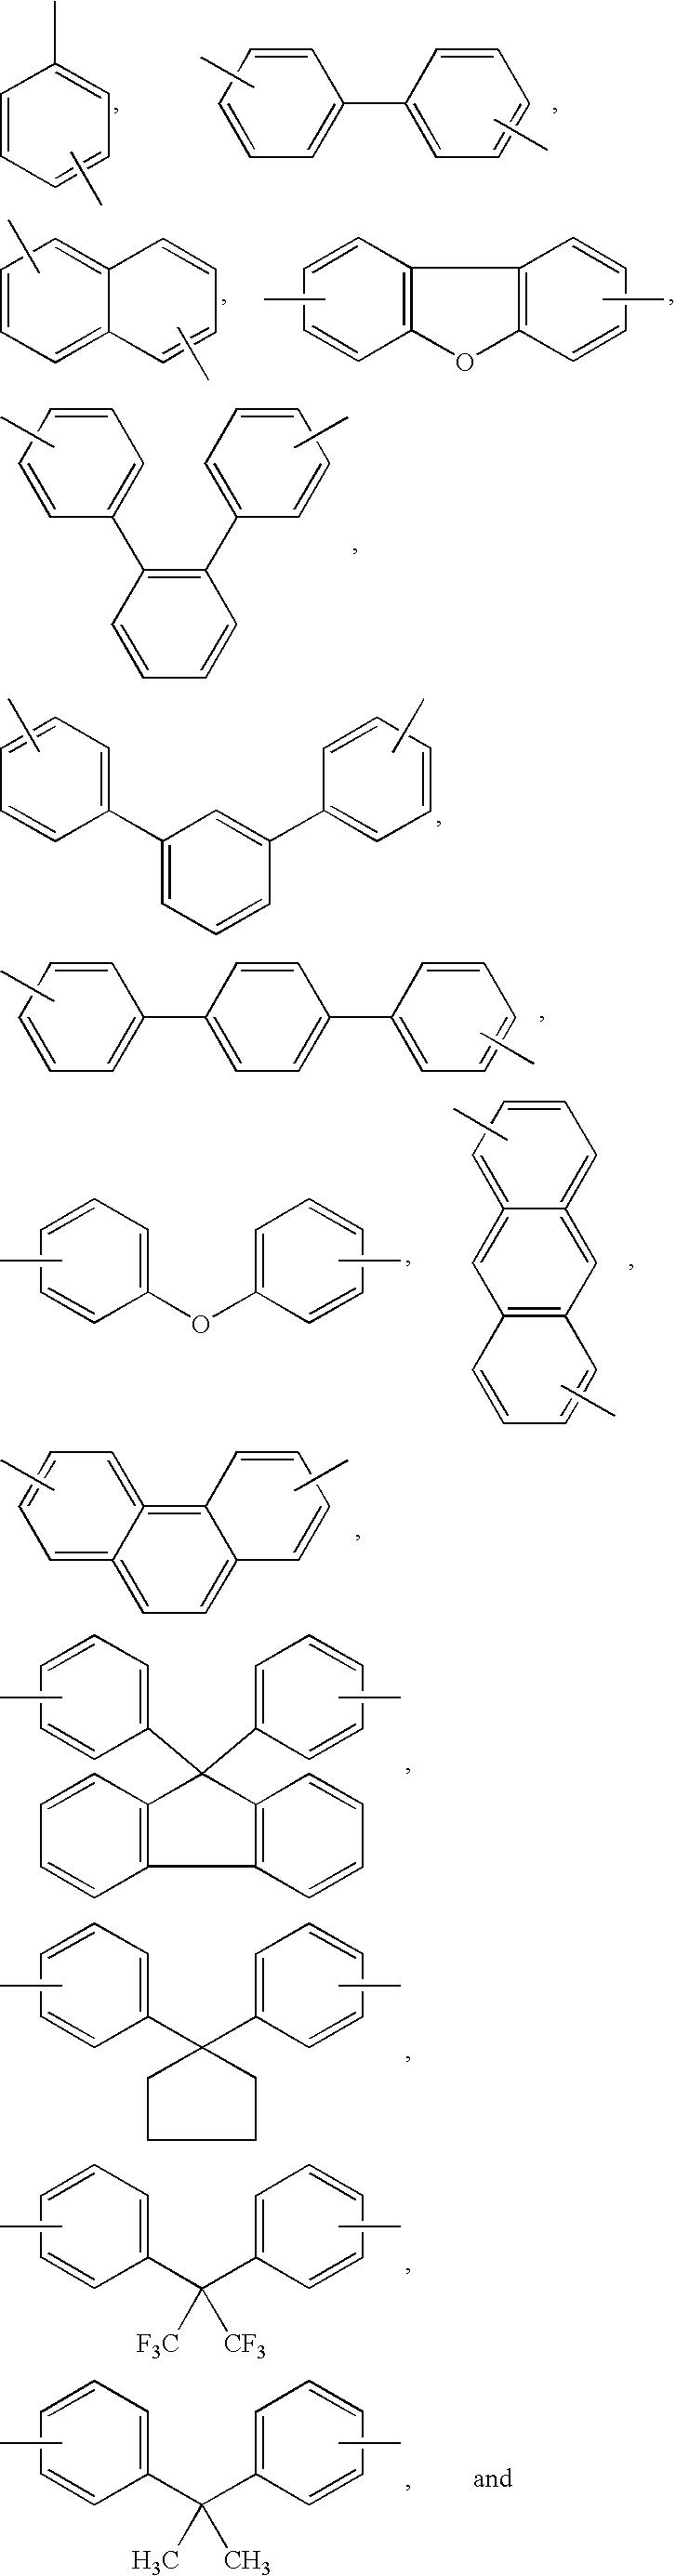 Figure US06716955-20040406-C00028